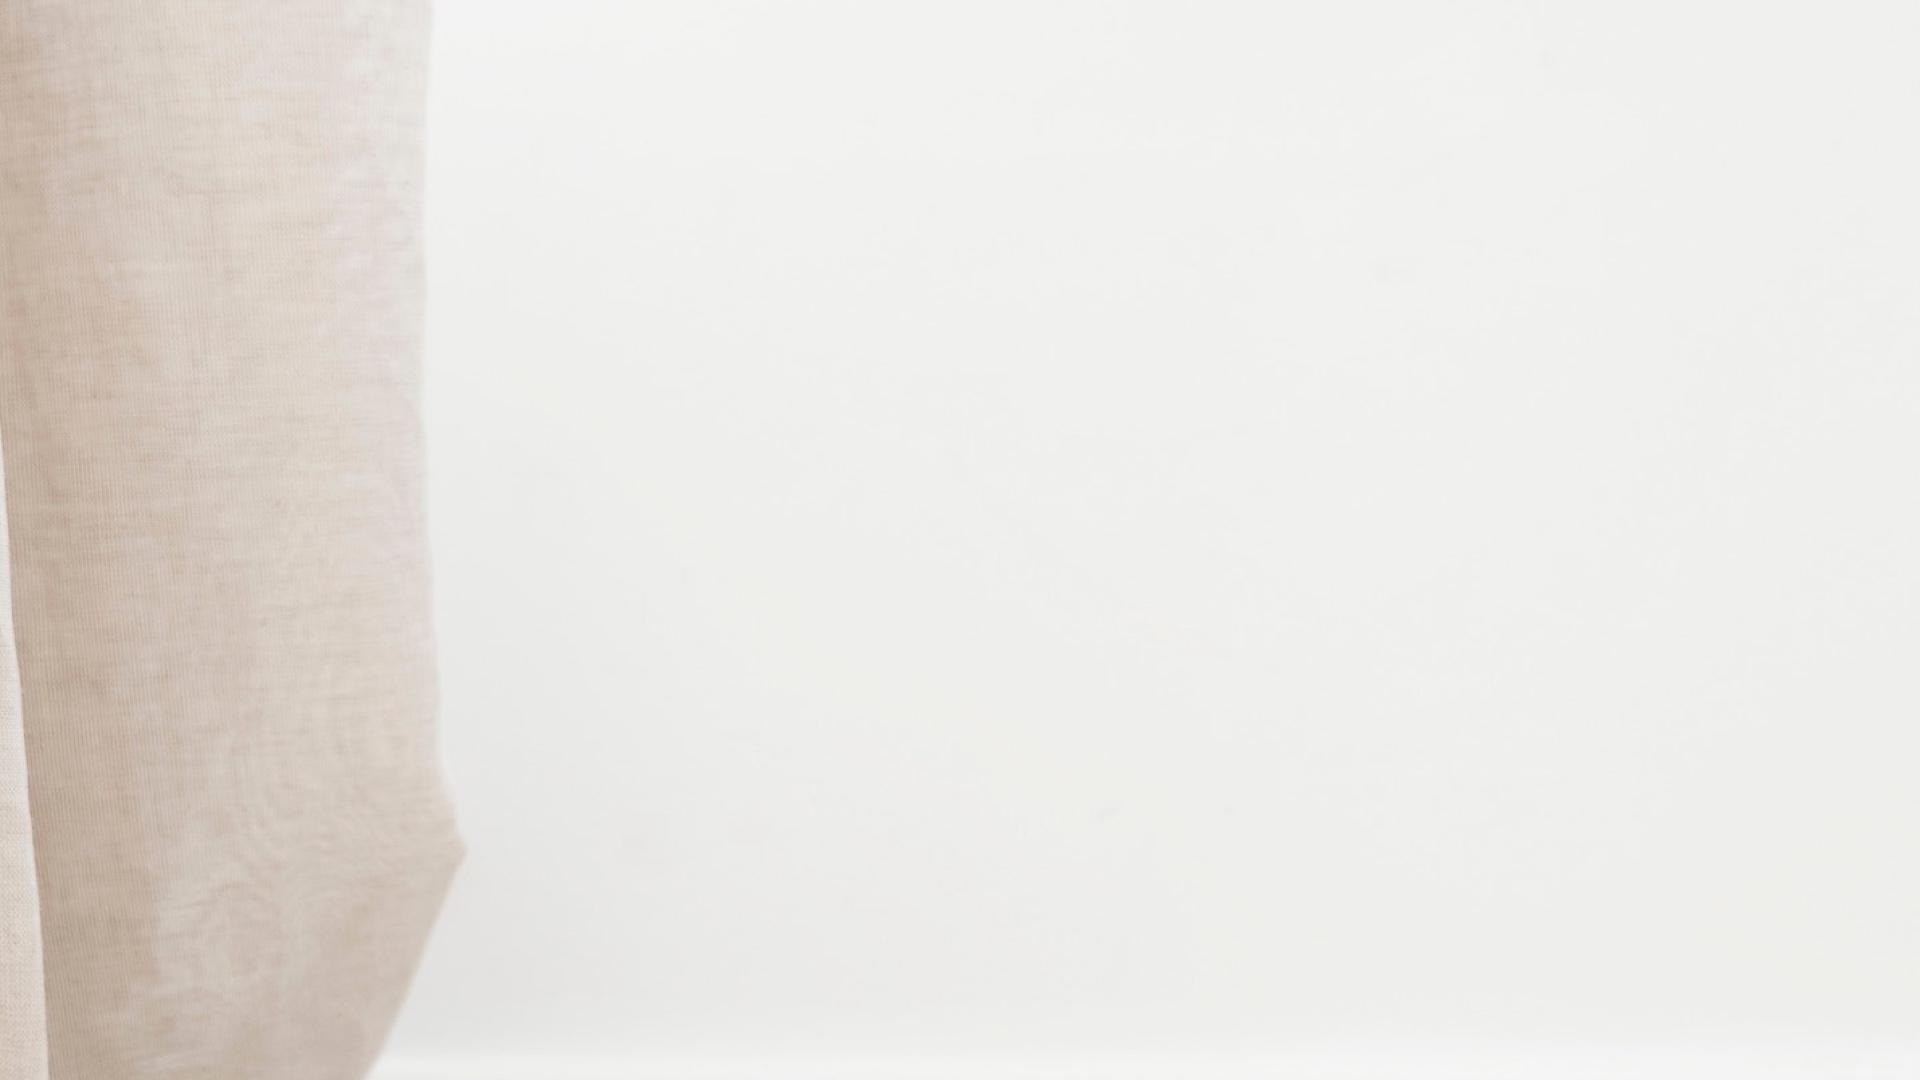 リネンのカーテンと白い壁